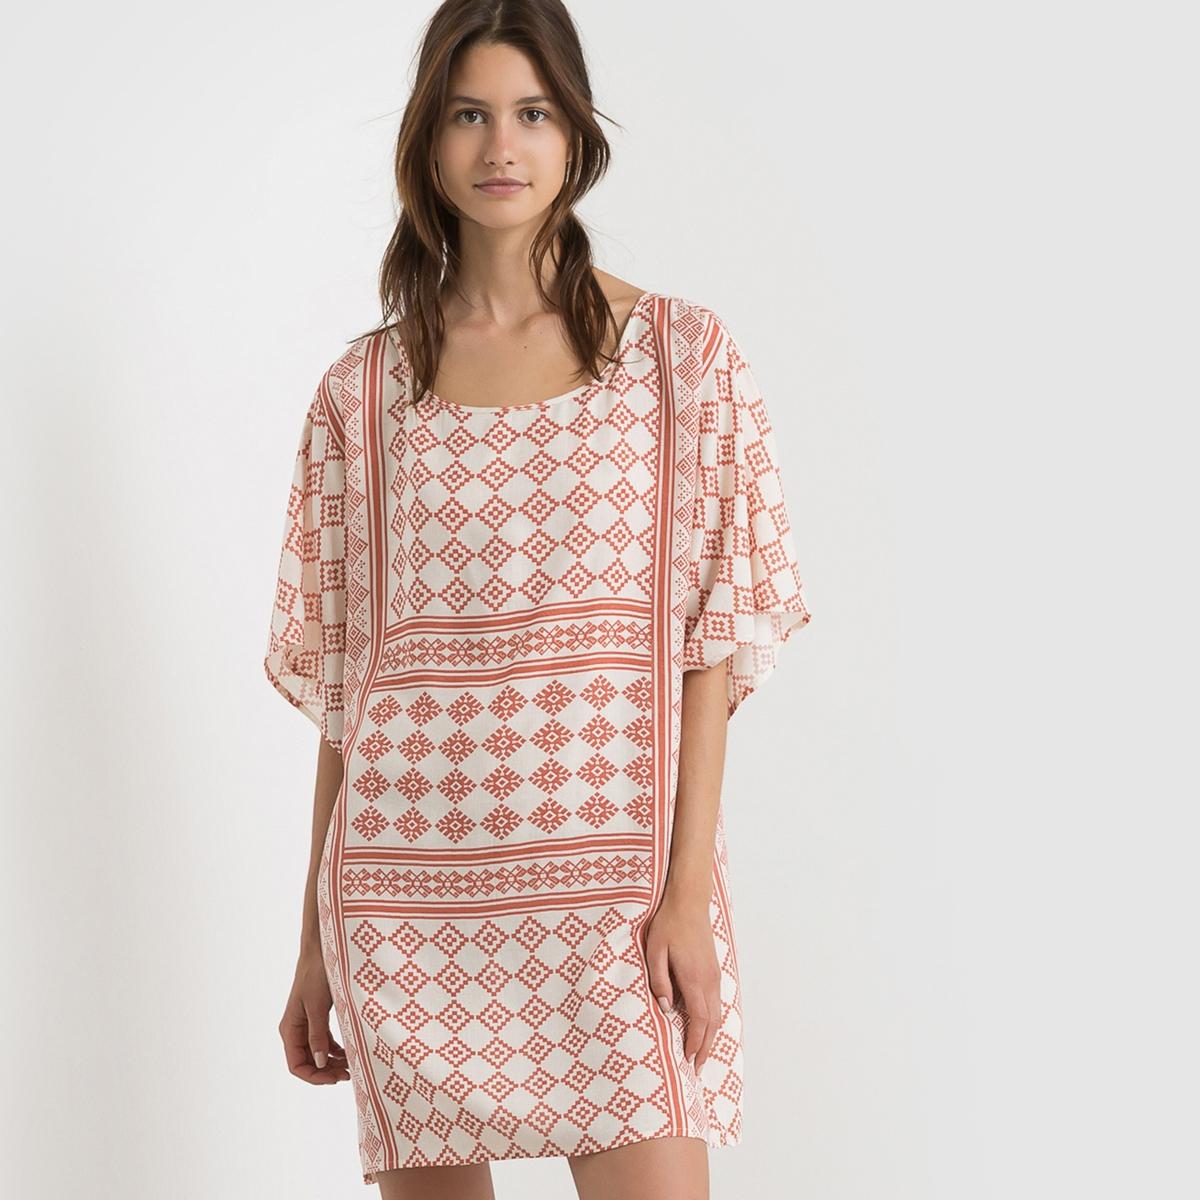 Платье с этническим рисунком VITIKAS DRESSСостав и описание     Материал: 100% вискозы.     Марка: VILA<br><br>Цвет: экрю/ оранжевый<br>Размер: M